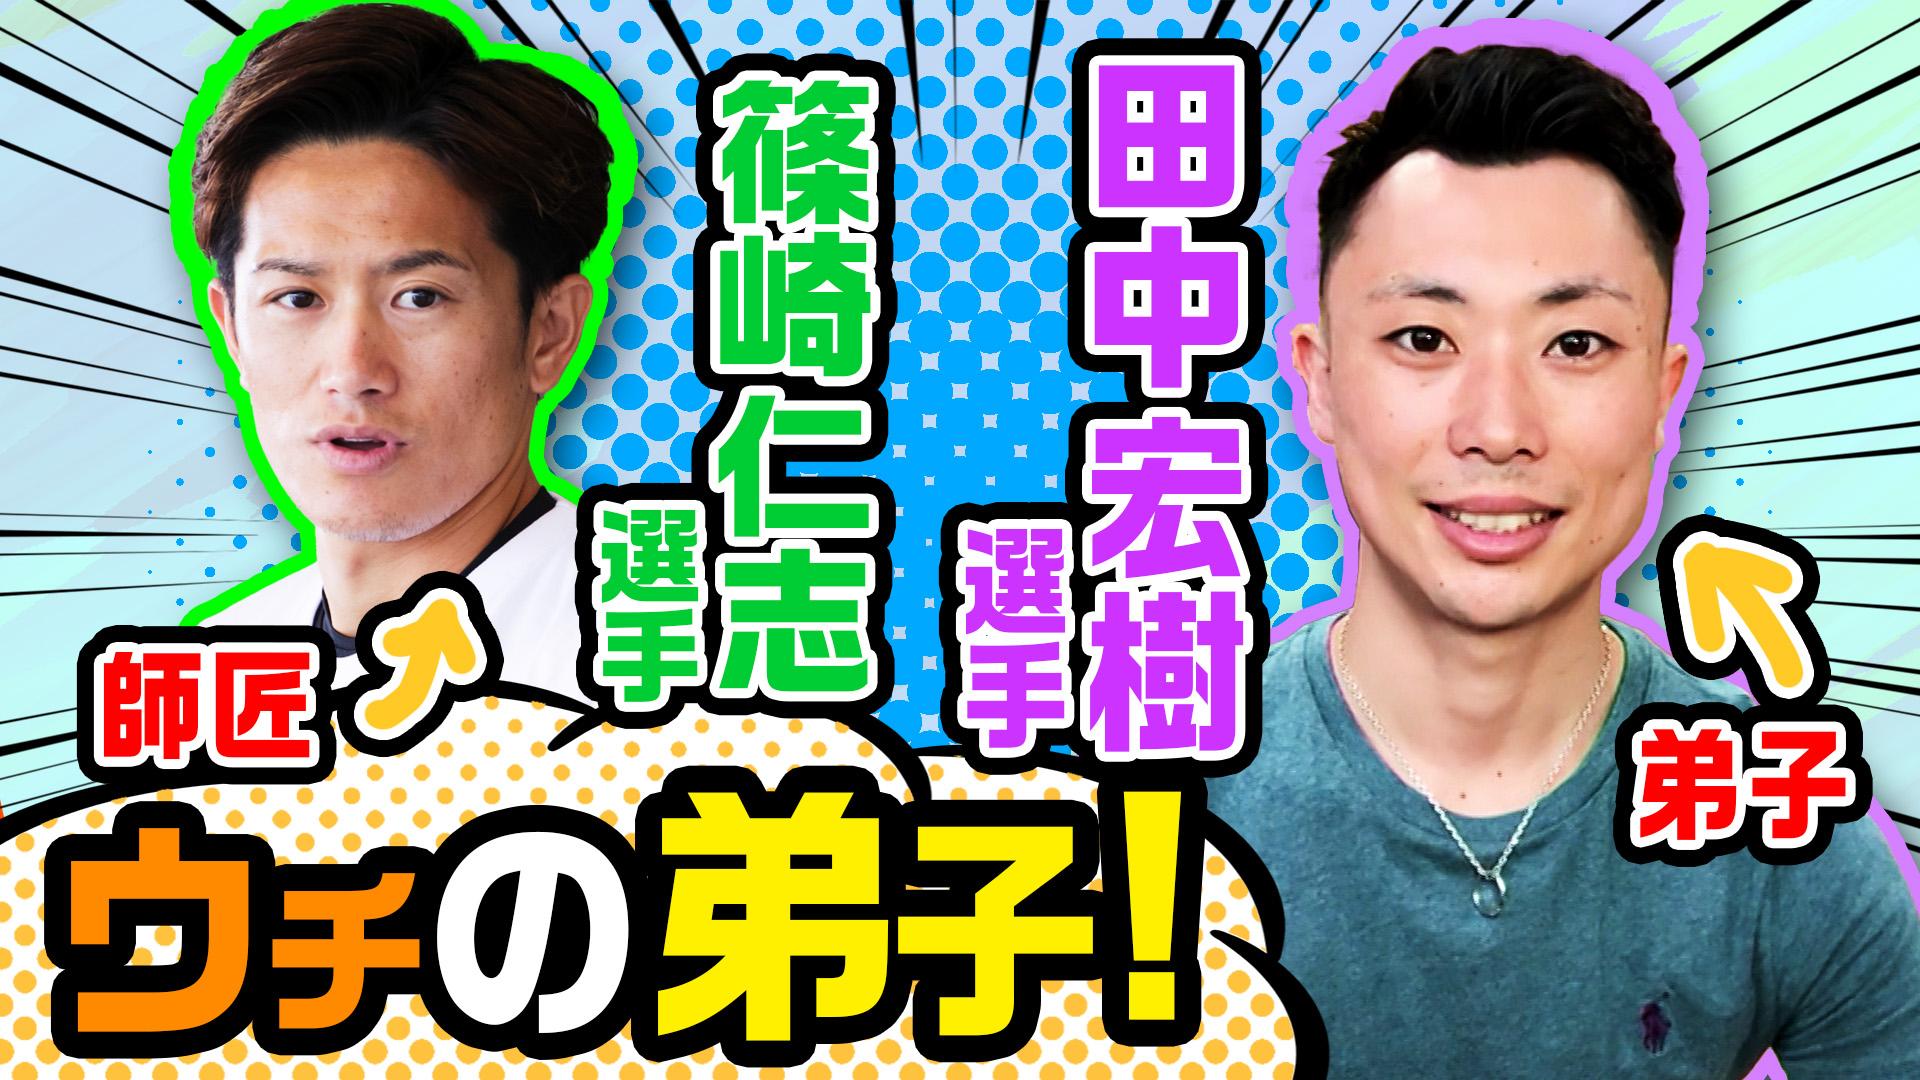 『ウチの弟子!』第9弾の師匠×弟子は、篠崎仁志選手と田中宏樹選手が登場します。篠崎選手が愛弟子の田中選手について熱いエールを送ります!|ボートレース